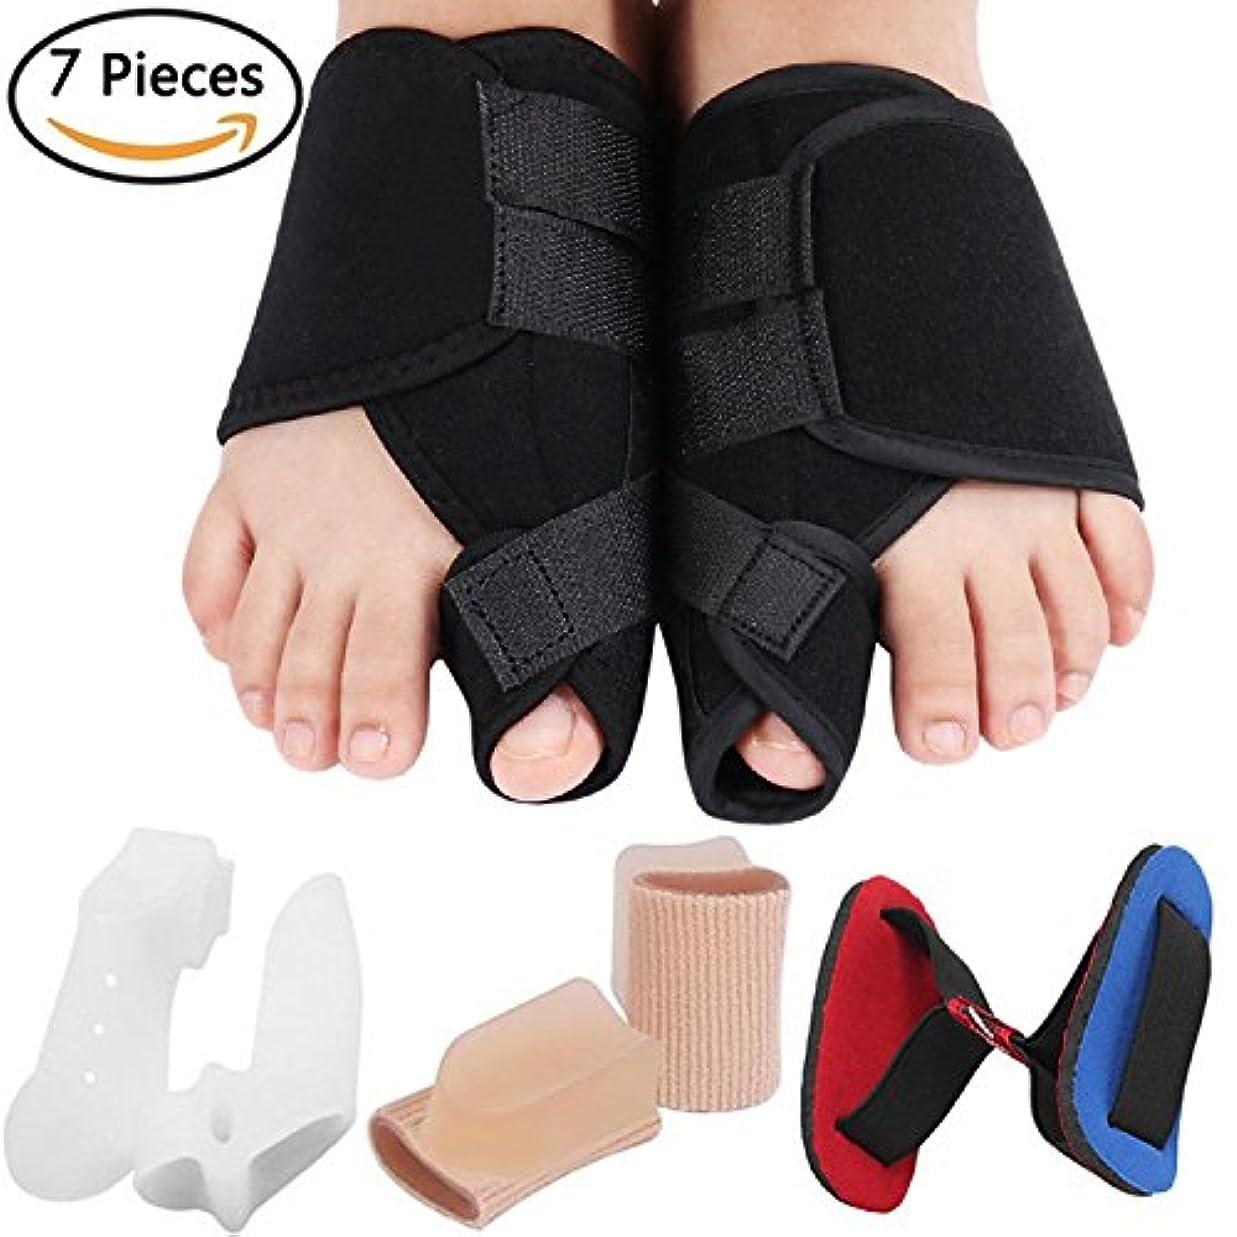 光沢のあるカイウスカメBunion Corrector Bunion Relief Kit, Bunion Splint Toe Straightener Corrector for Hallux Valgus, Big Toe Joint,...